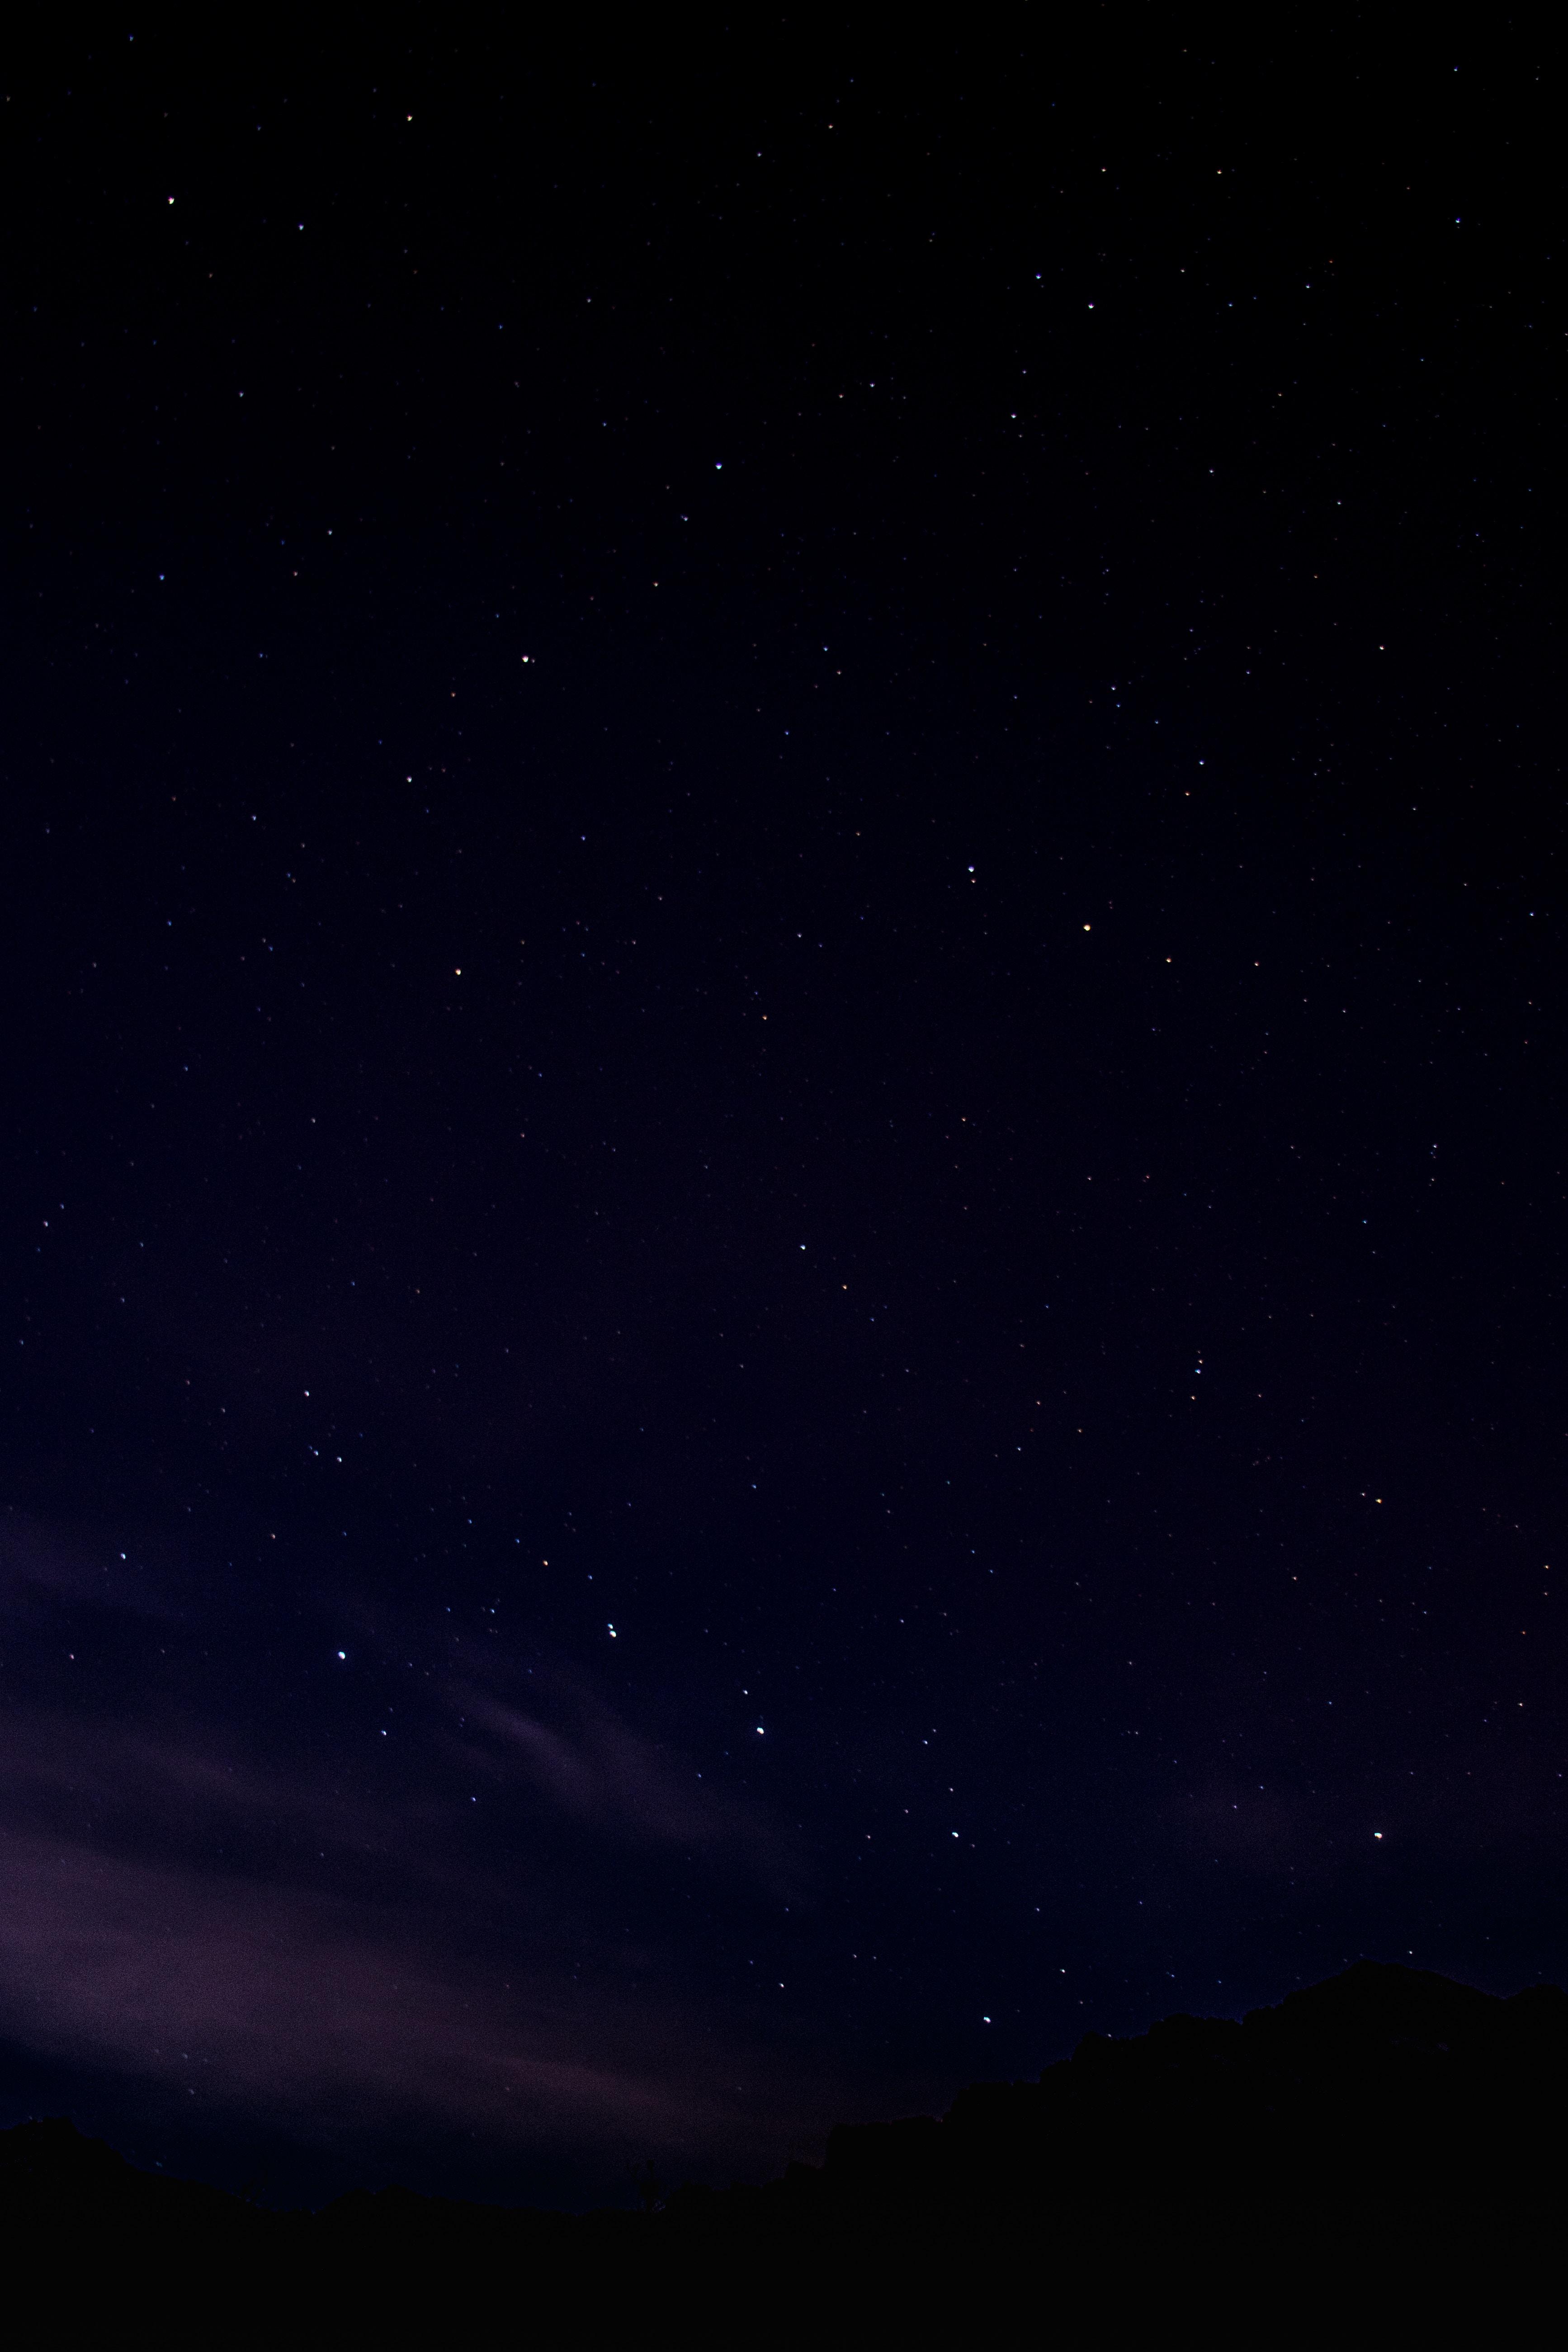 52162 скачать обои Звездное Небо, Космос, Ночь, Блеск, Темнота - заставки и картинки бесплатно